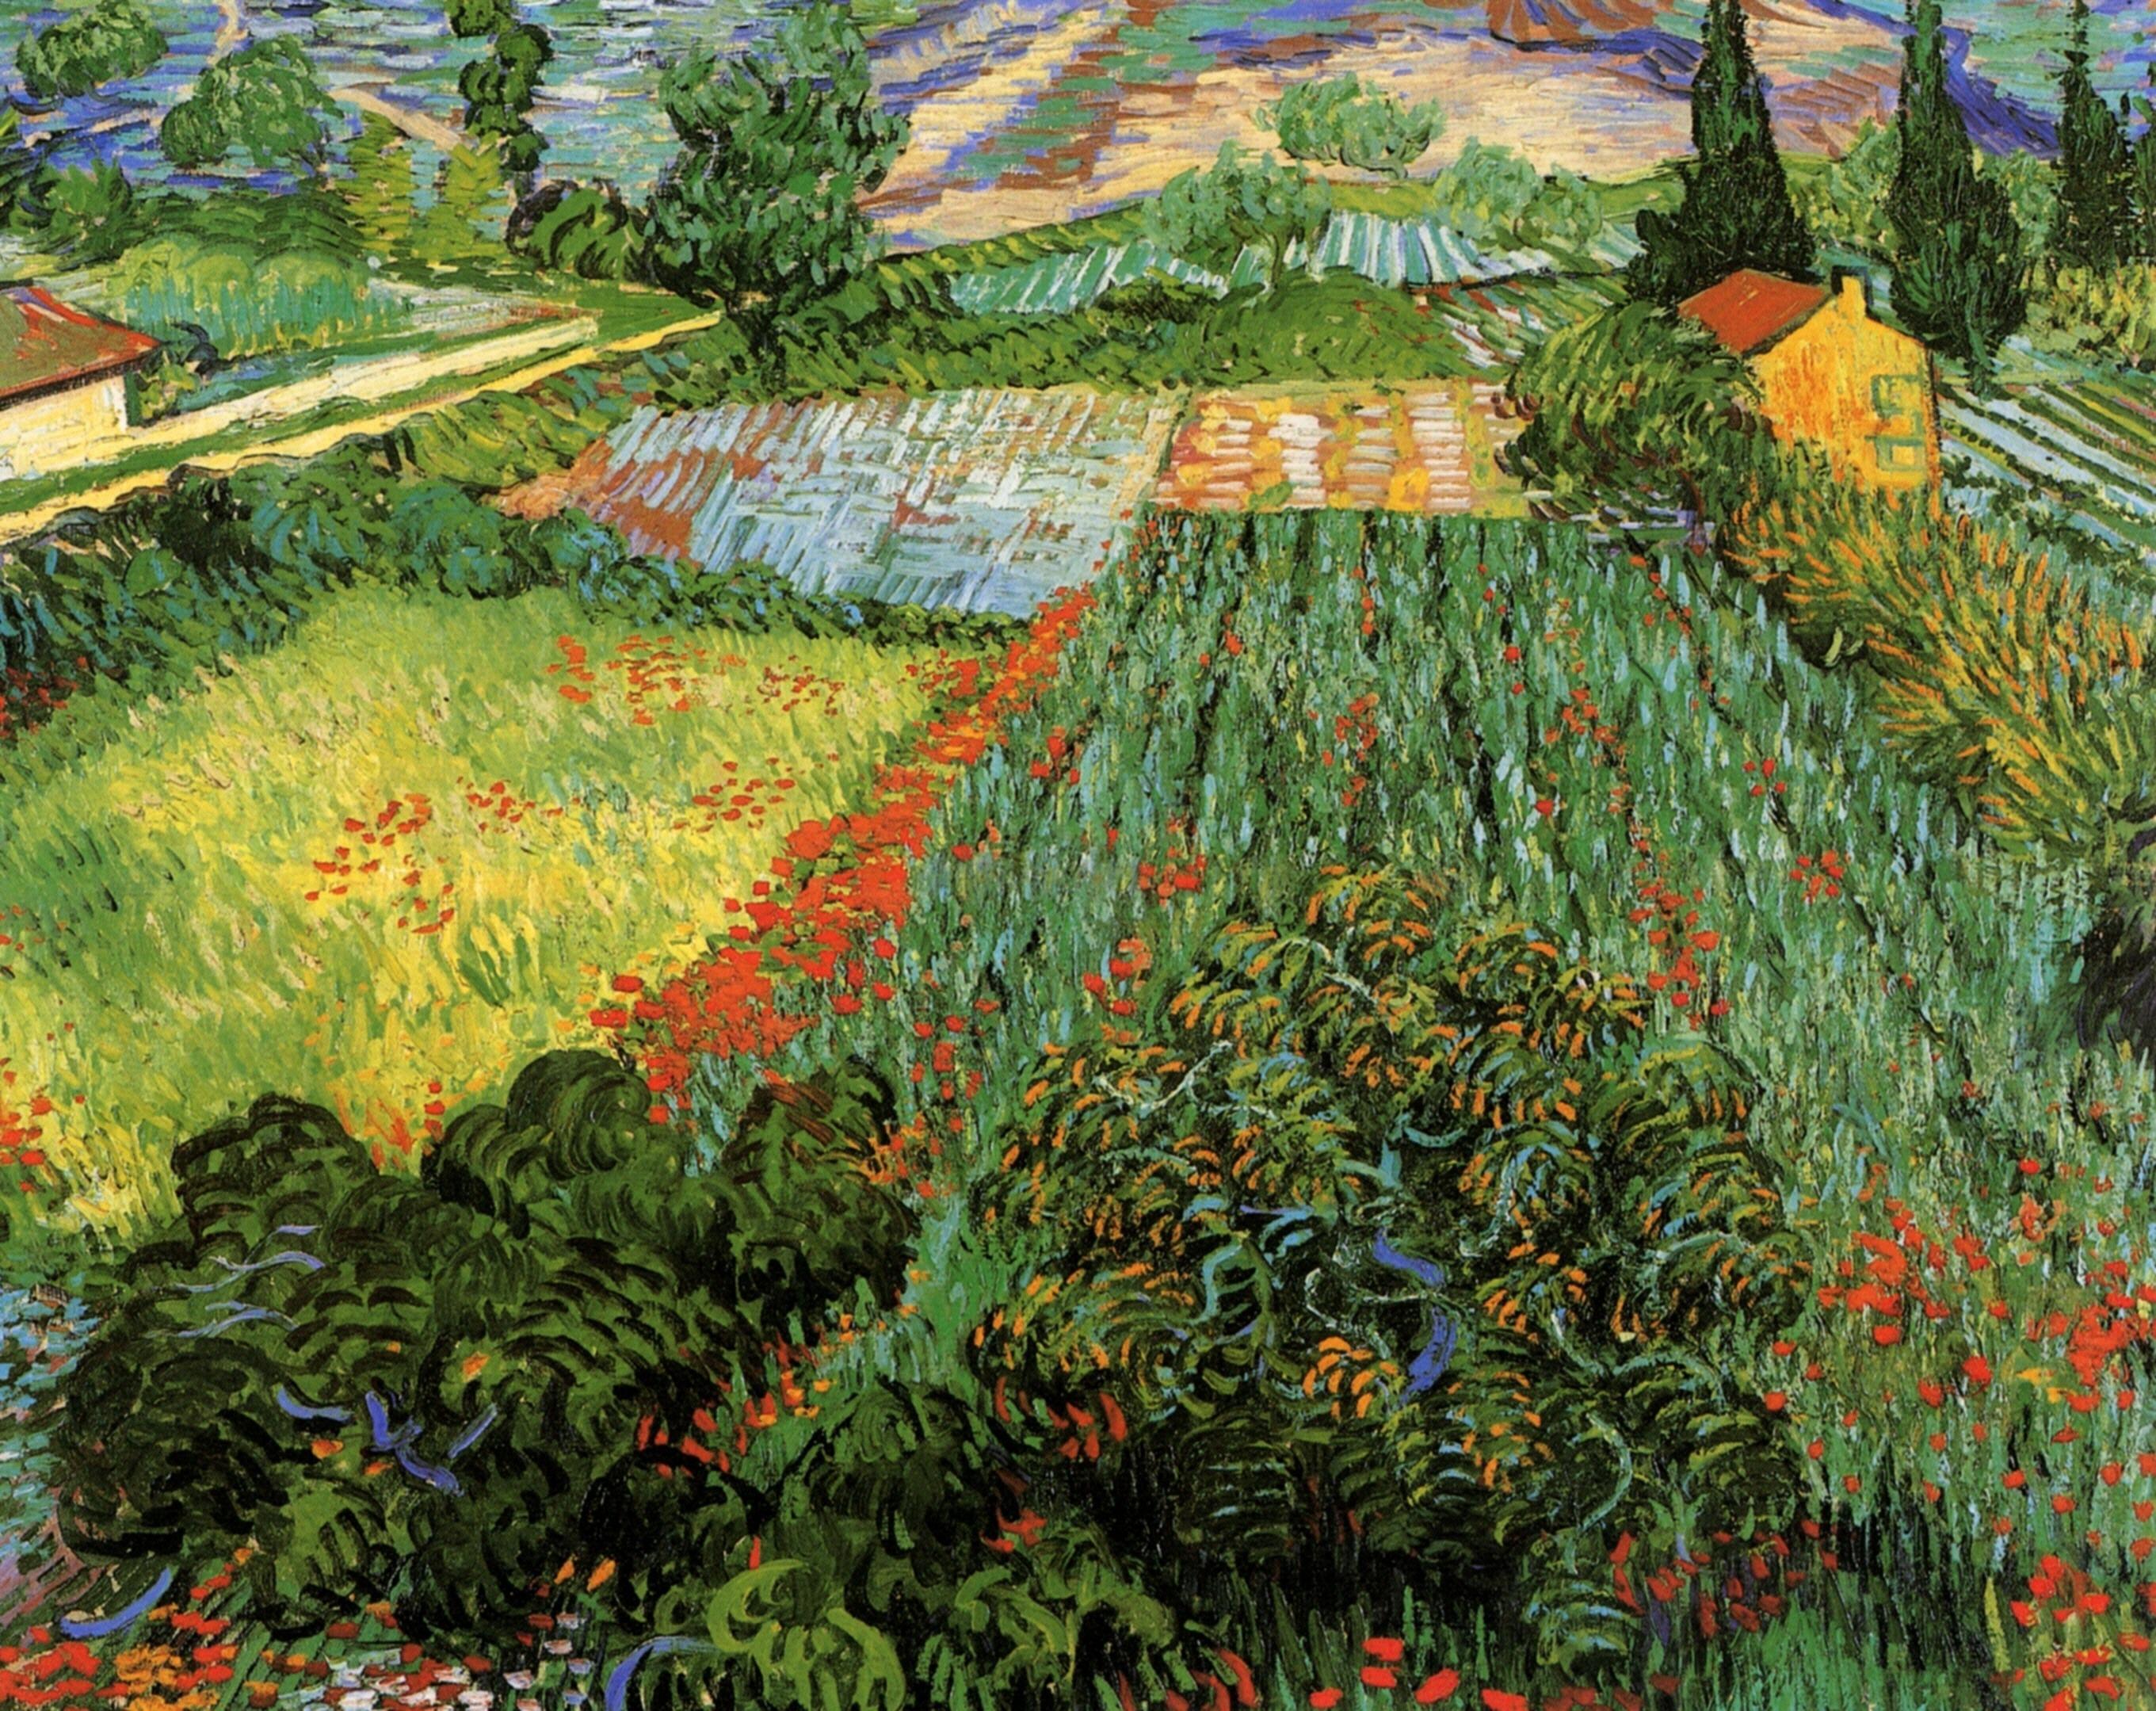 Маковое поле [ картина - пейзаж ] :: Ван Гог, описание картины, плюс статья про подарки - Van Gogh фото